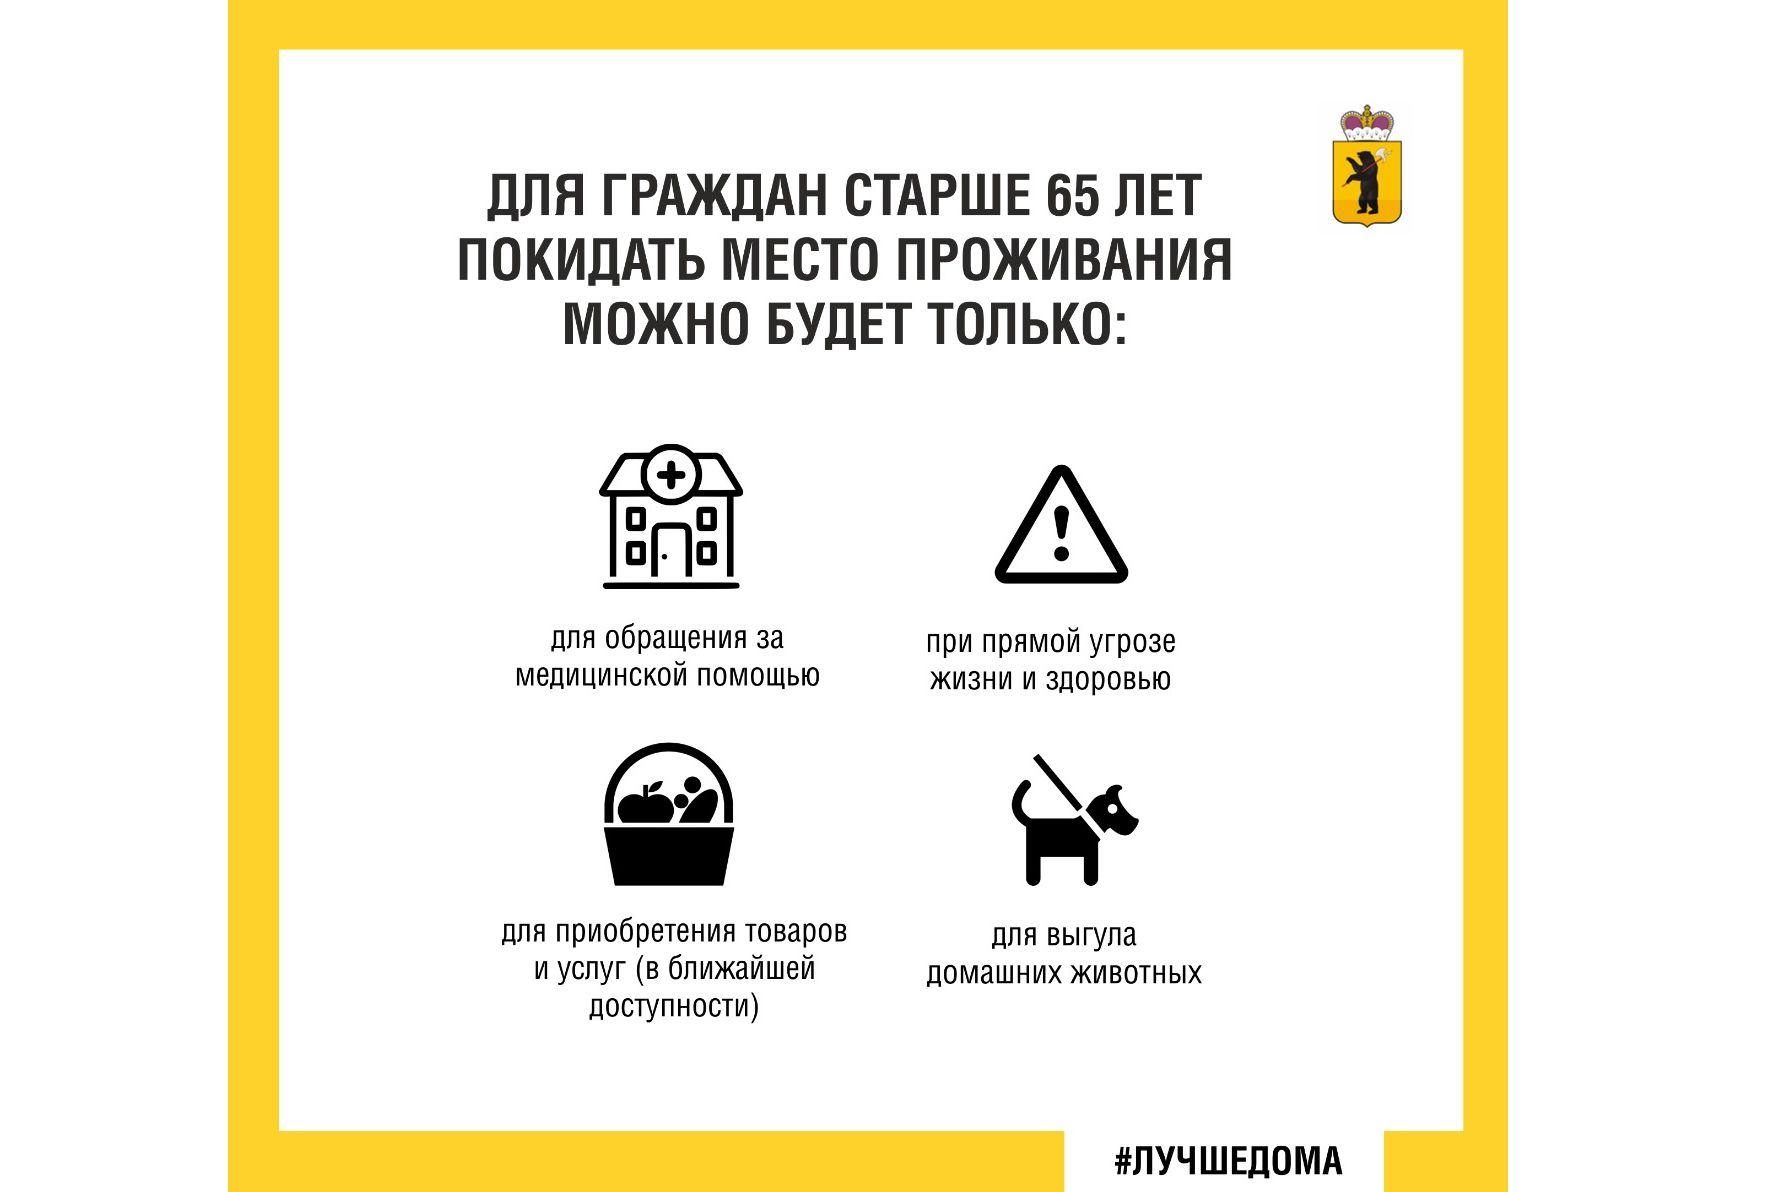 В Ярославской области ввели обязательный режим самоизоляции для людей старше 65 лет